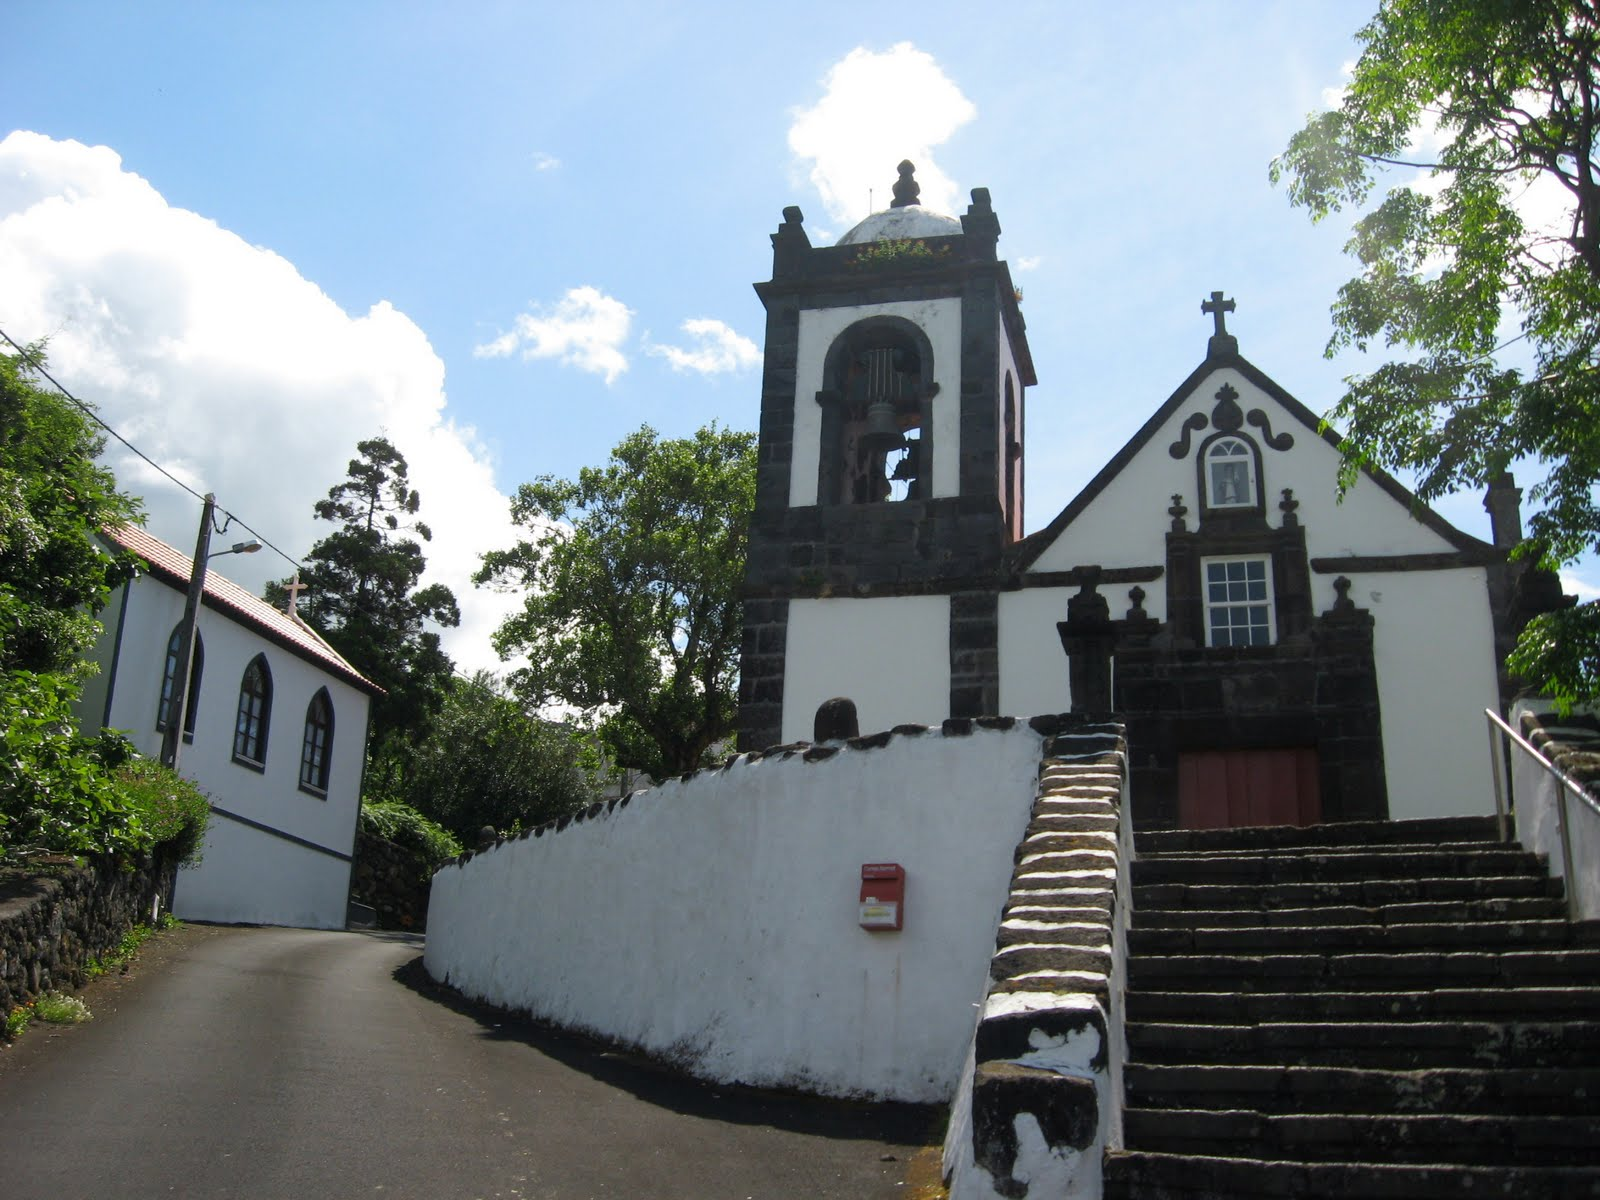 Governo dos Açores adjudica empreitada de requalificação da Igreja das Manadas, em S. Jorge